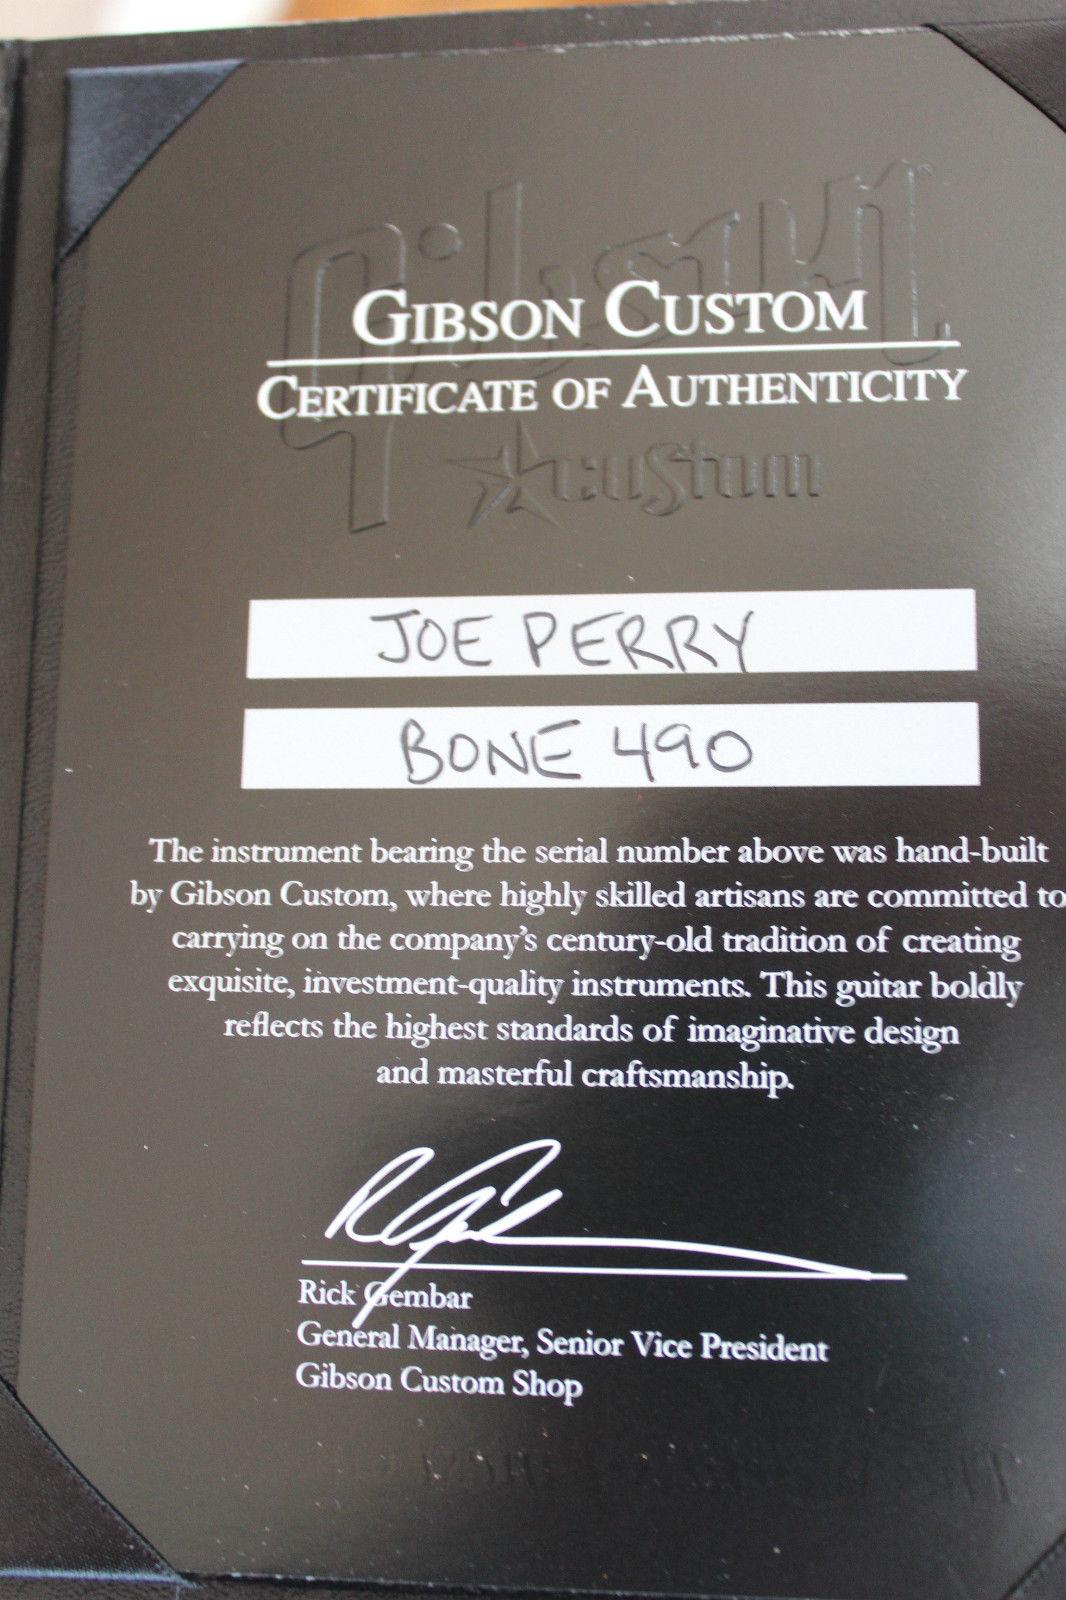 Joe Perry Boneyard Les Paul | Waxer nl